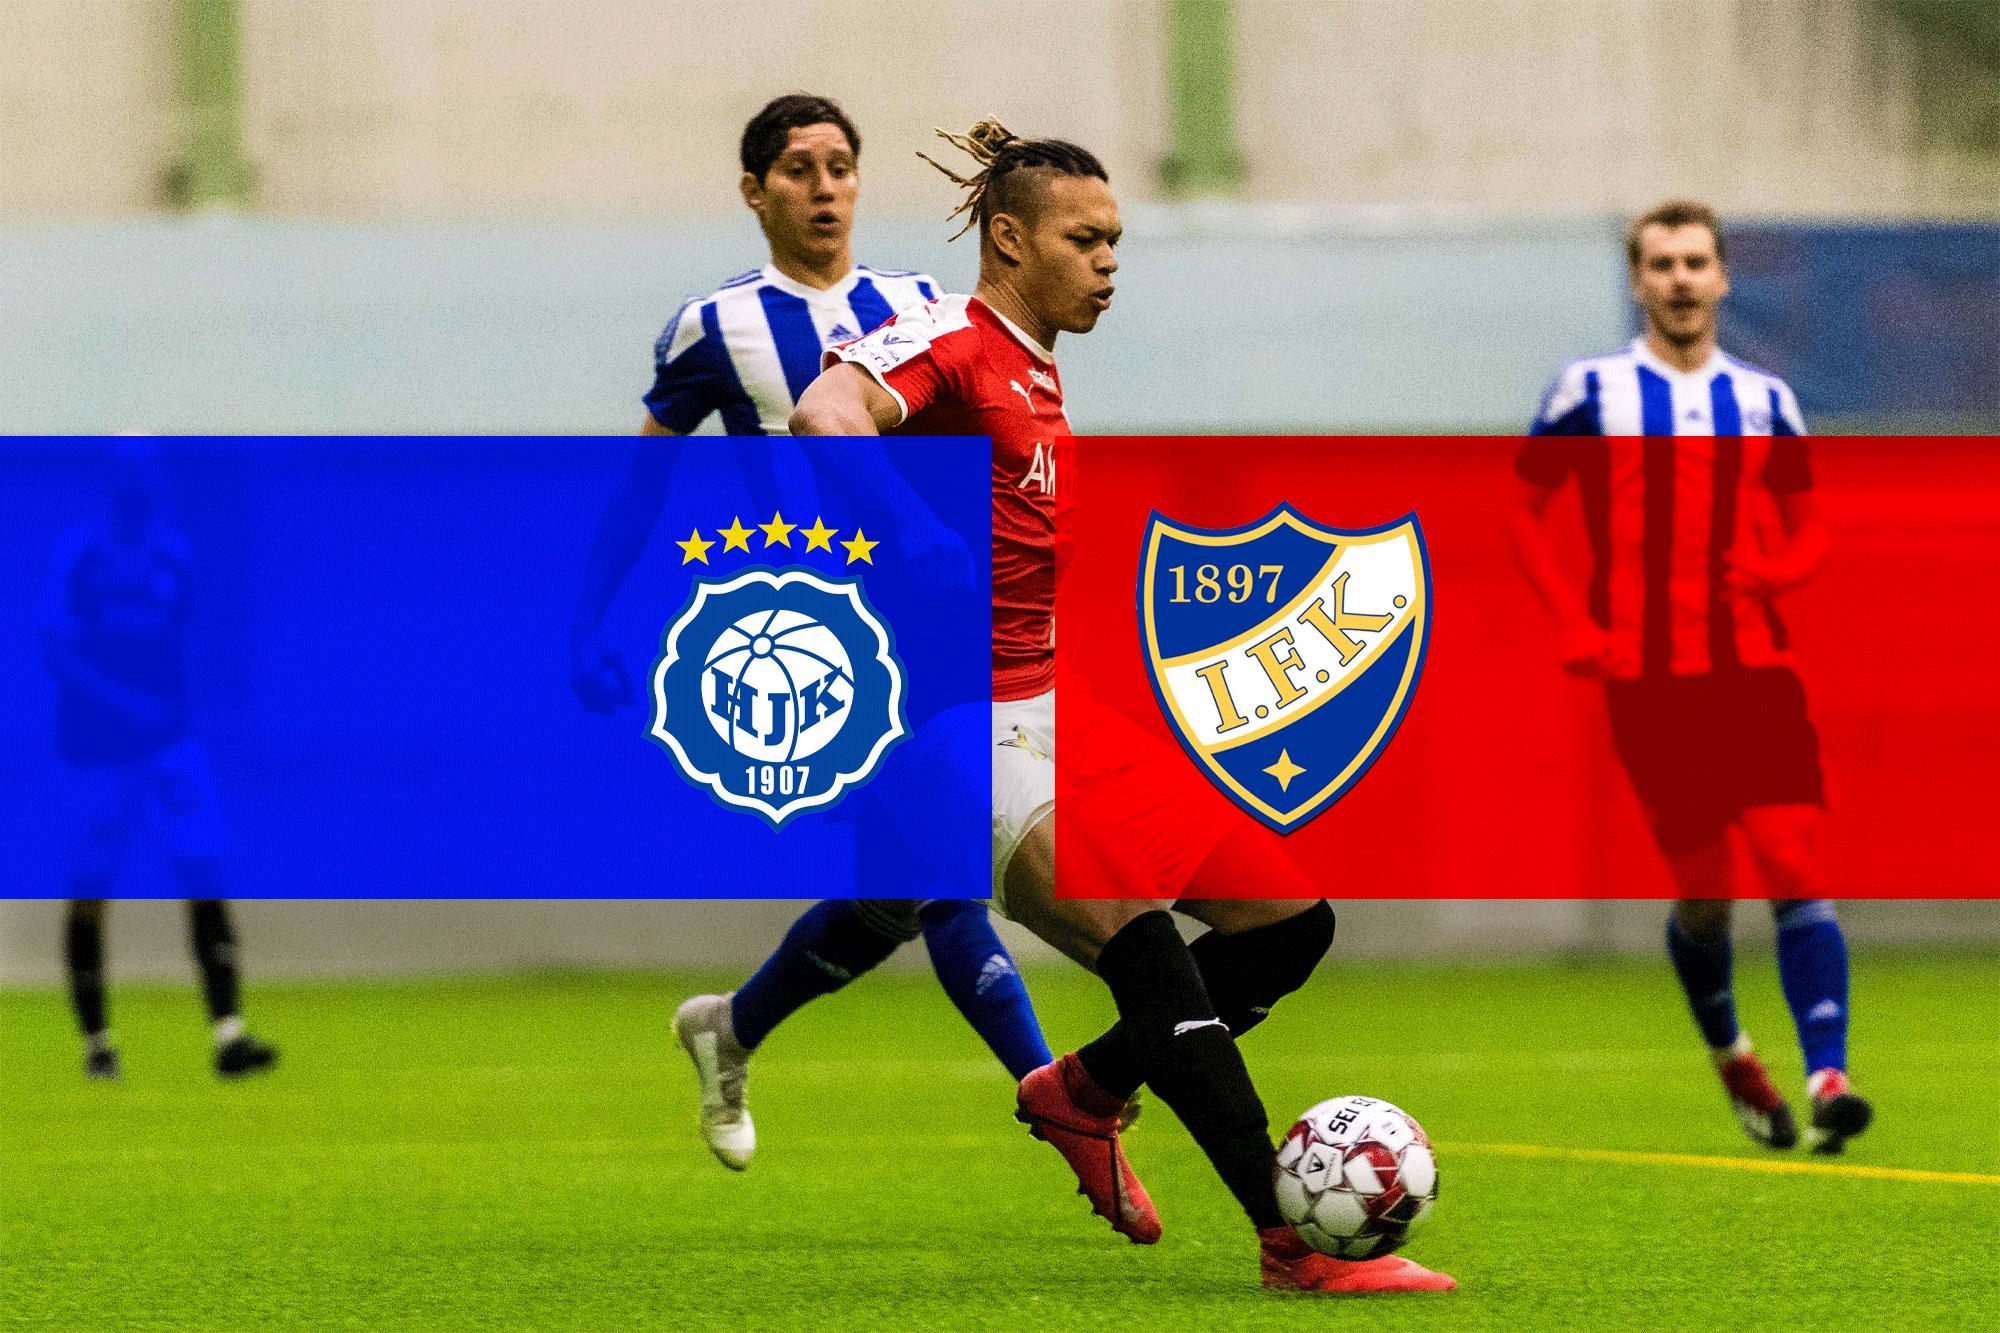 HIFK redo inför derbyt – Hing-Glovers kontrakt utökas med en ny option